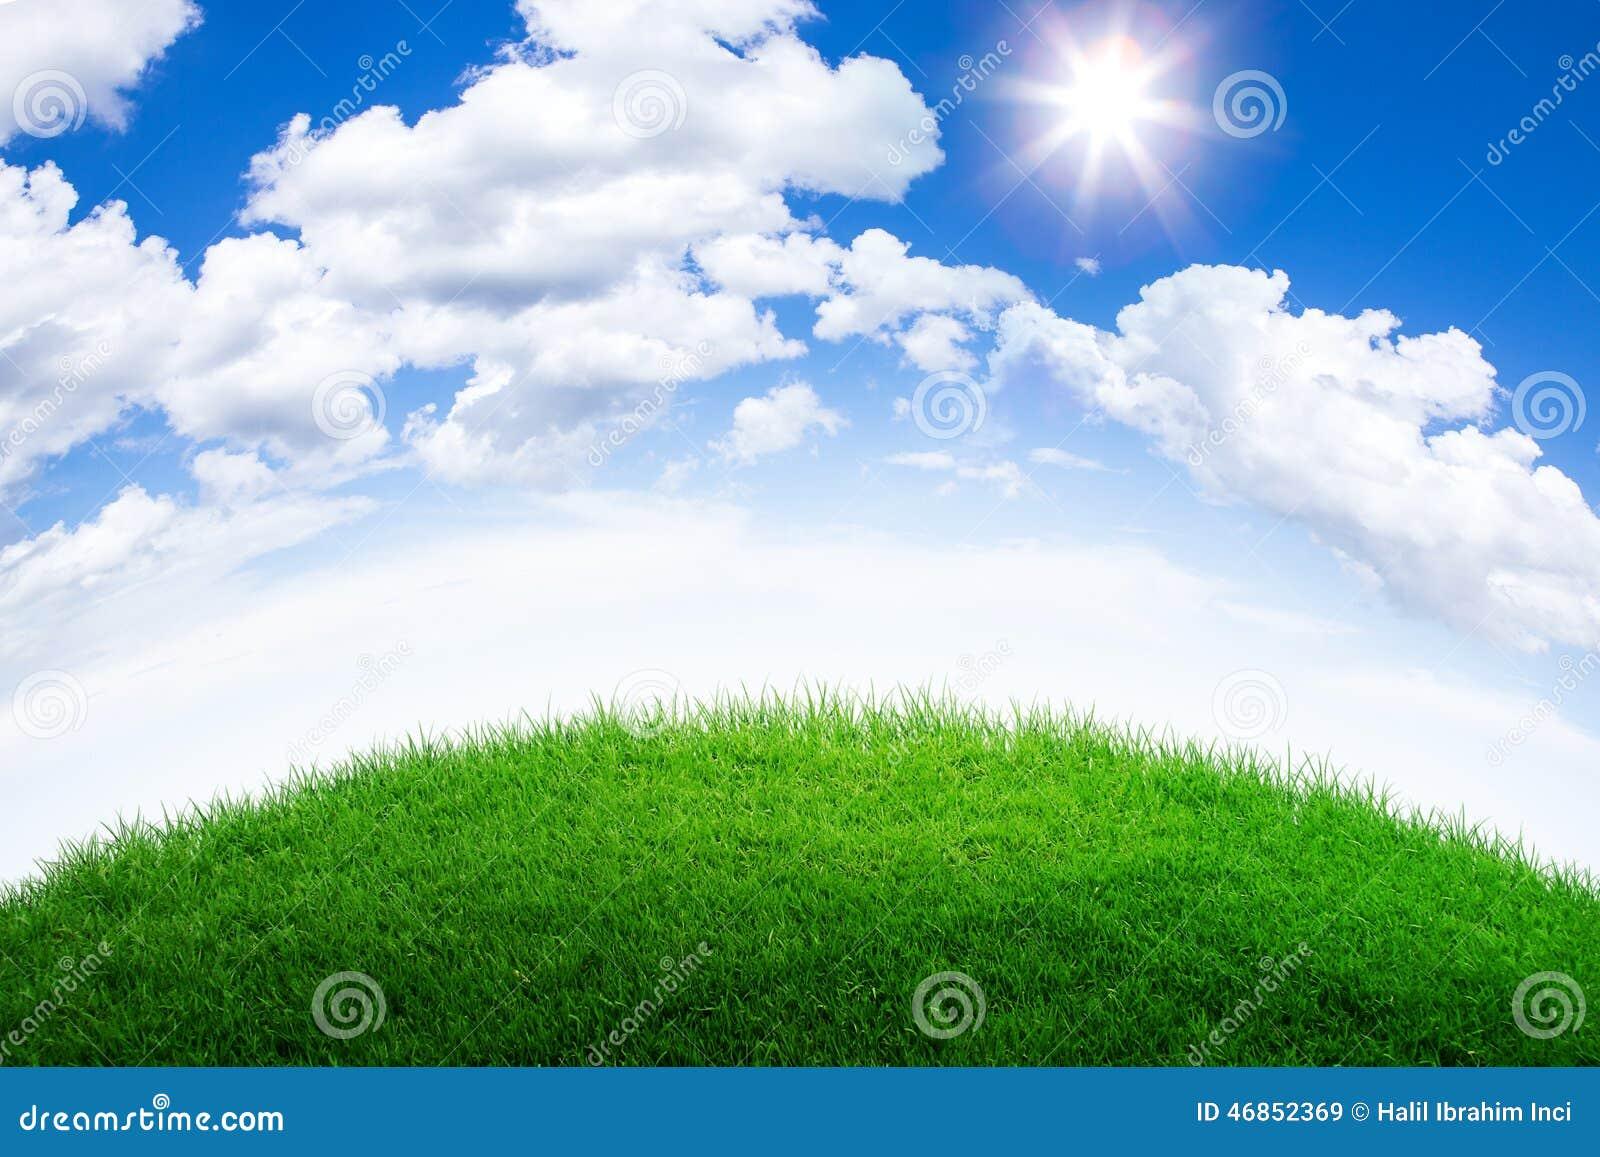 grass cartoon vector cartoondealer com 41087505 arrowhead clipart for silhouette arrowhead clipart free